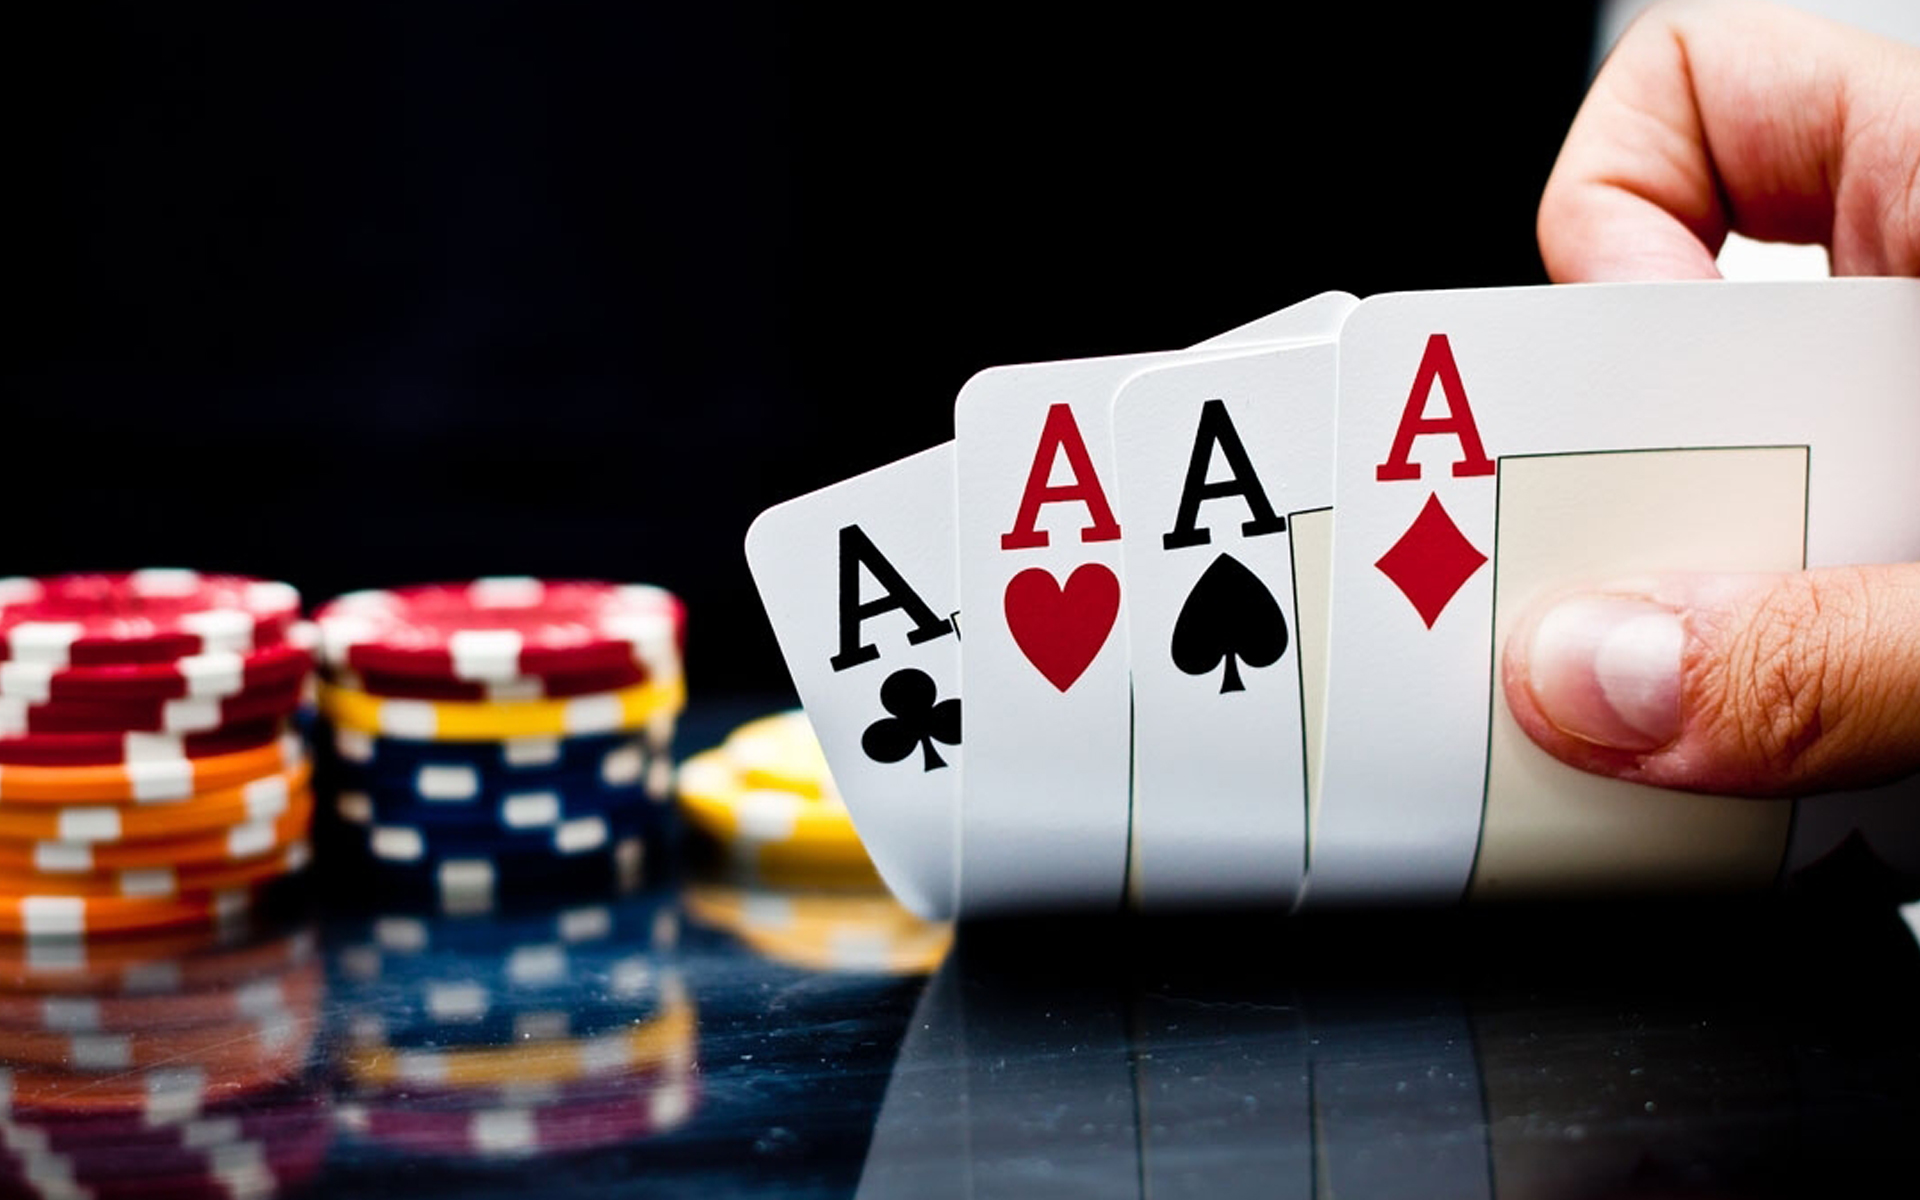 Poker night photo